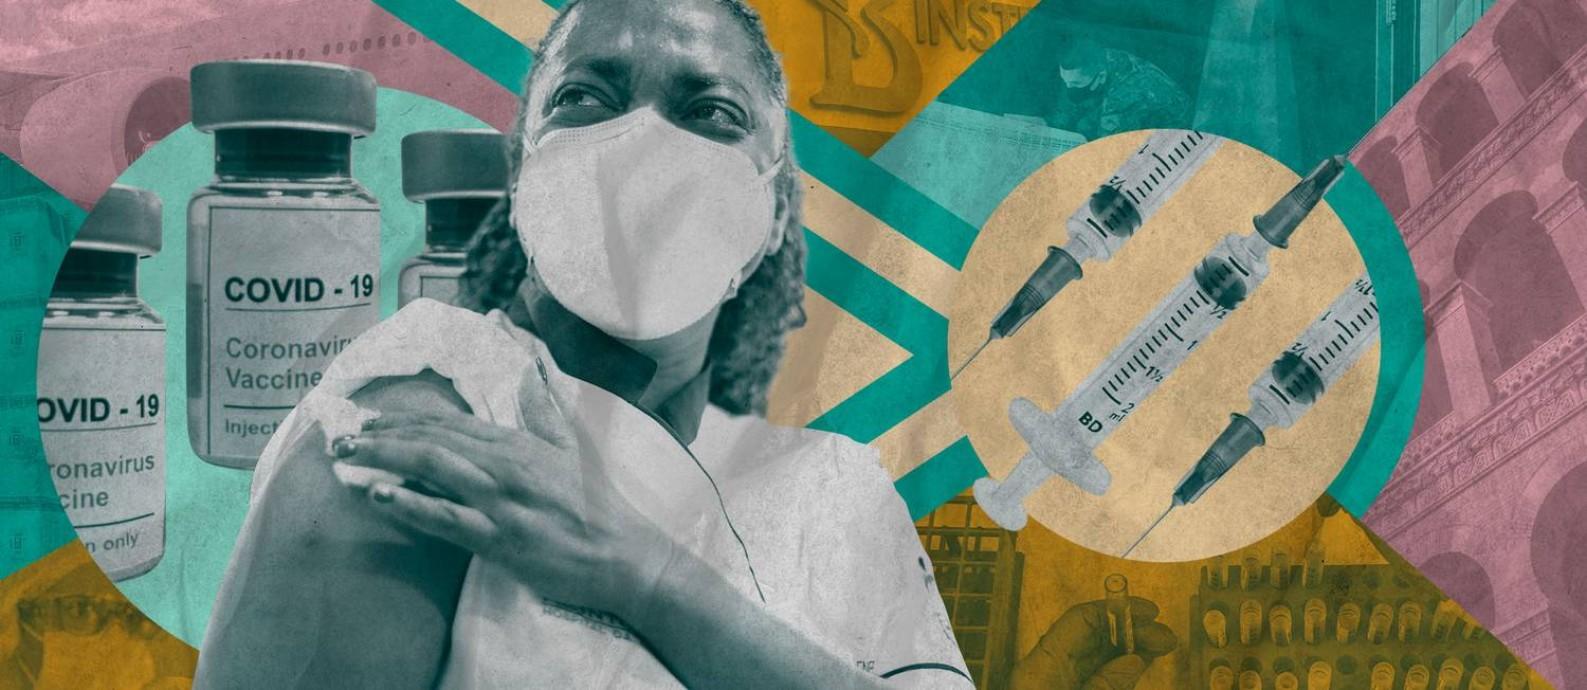 Vacinar um país tão grande quanto o Brasil exige planejamento complexo e a mobilização de diferentes fornecedores. Foto: O Globo